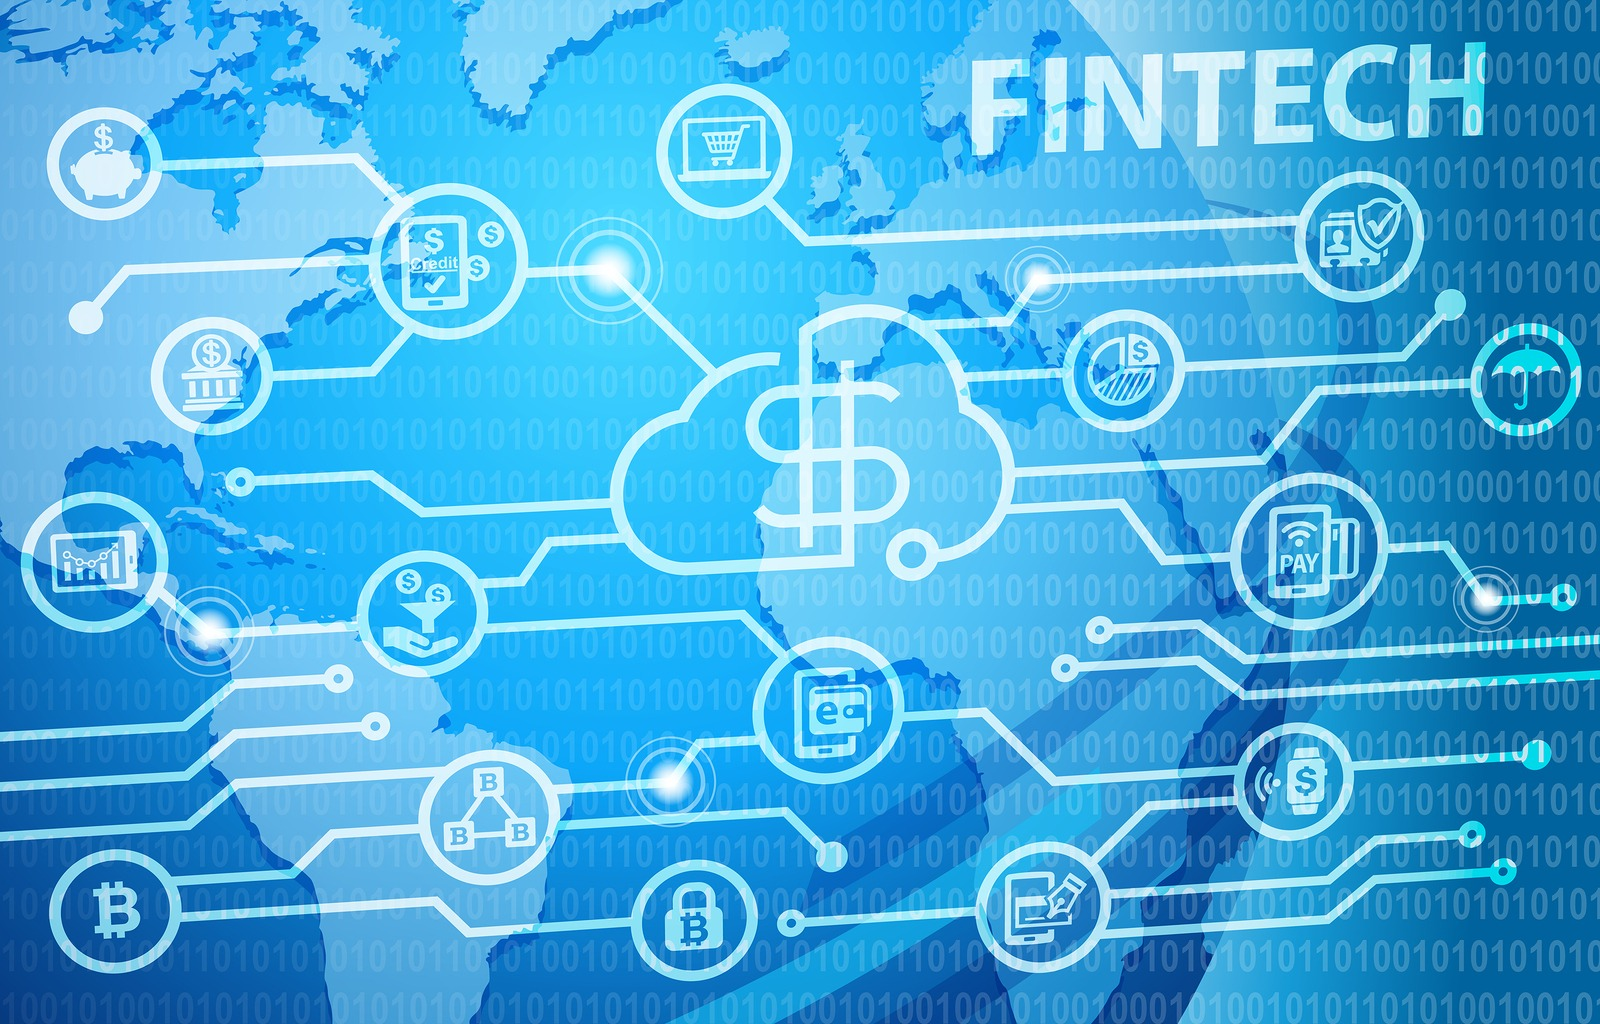 Alternative Business Lenders